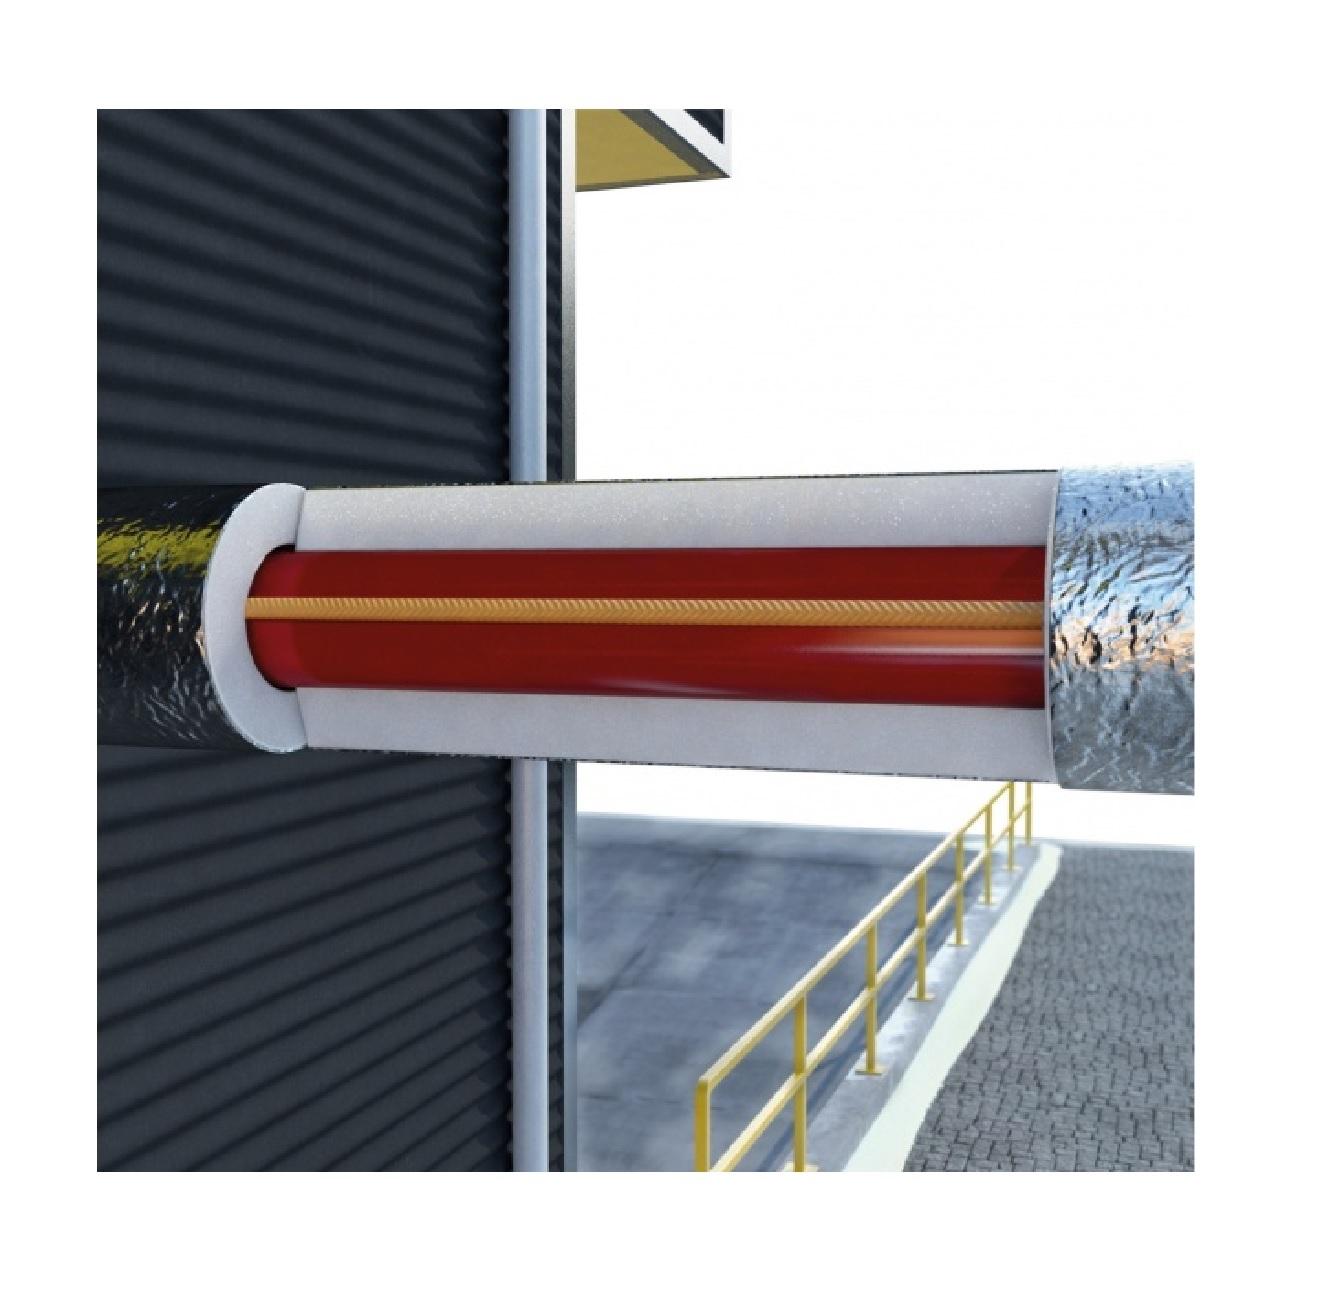 MAGNUM Trace Hot Water önszabályzó fűtőkábel meleg víz vezetékekhez